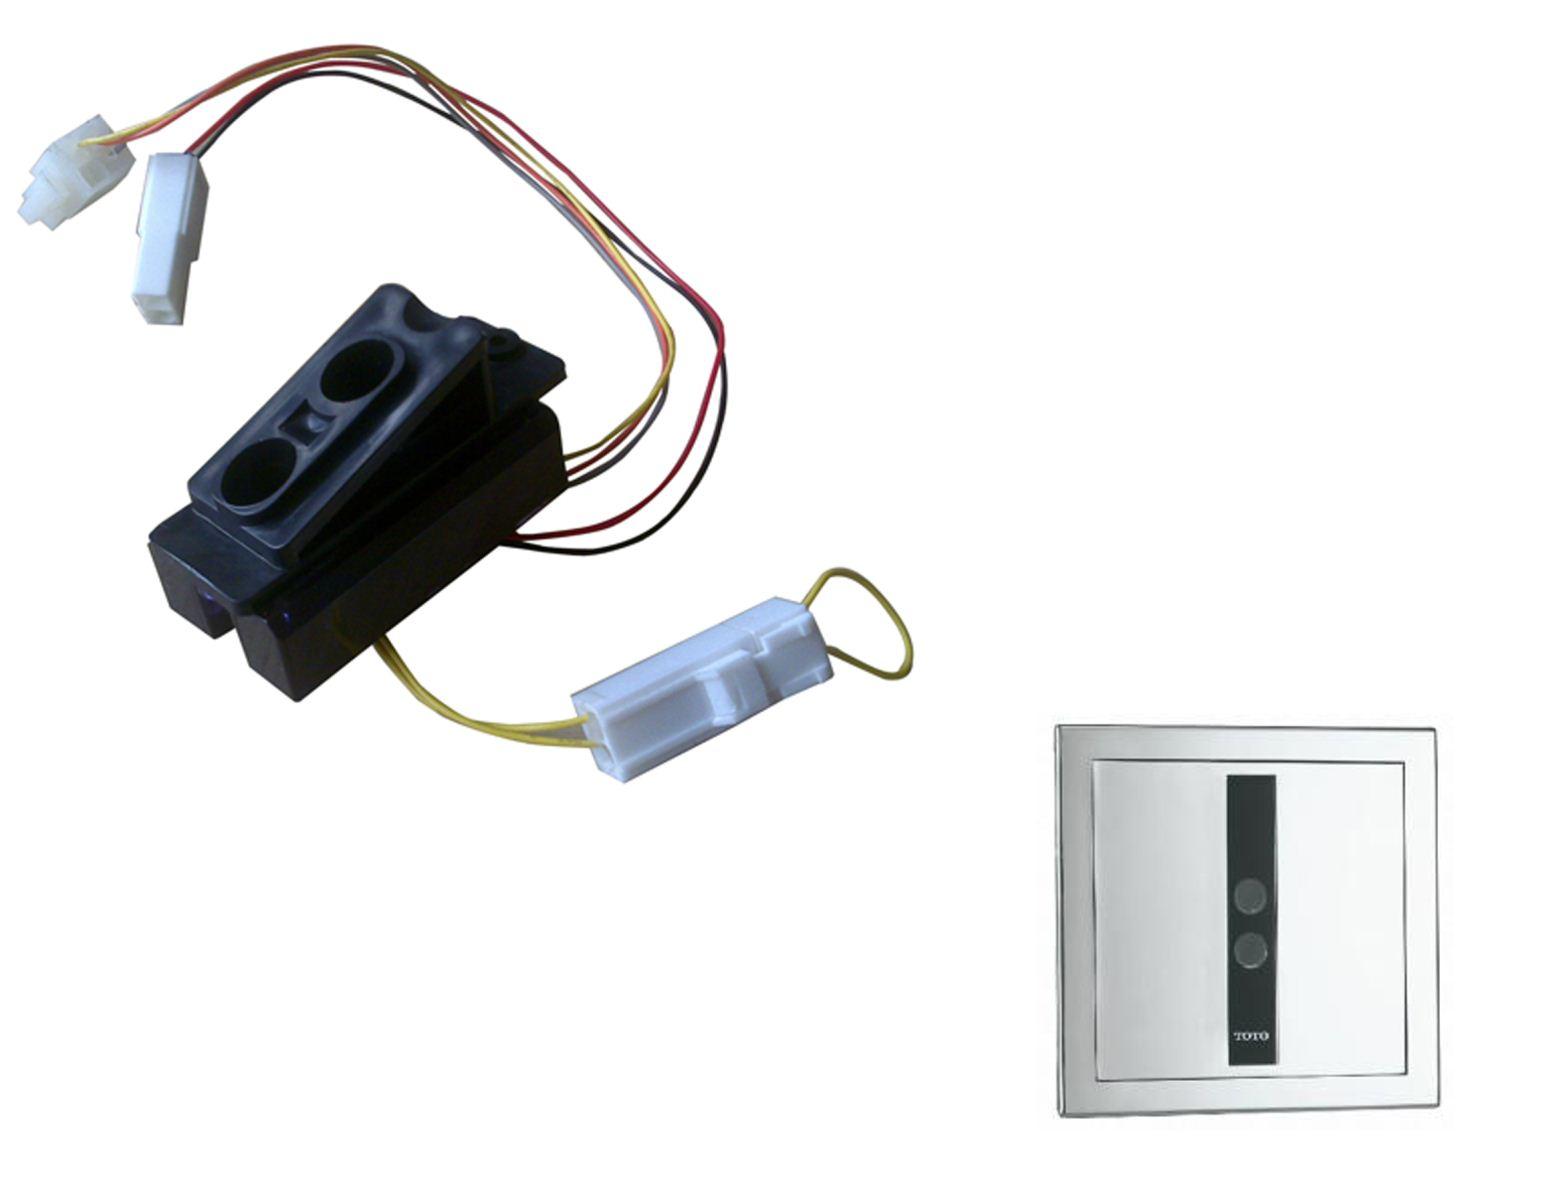 TOTO DUE109小便器感应电路